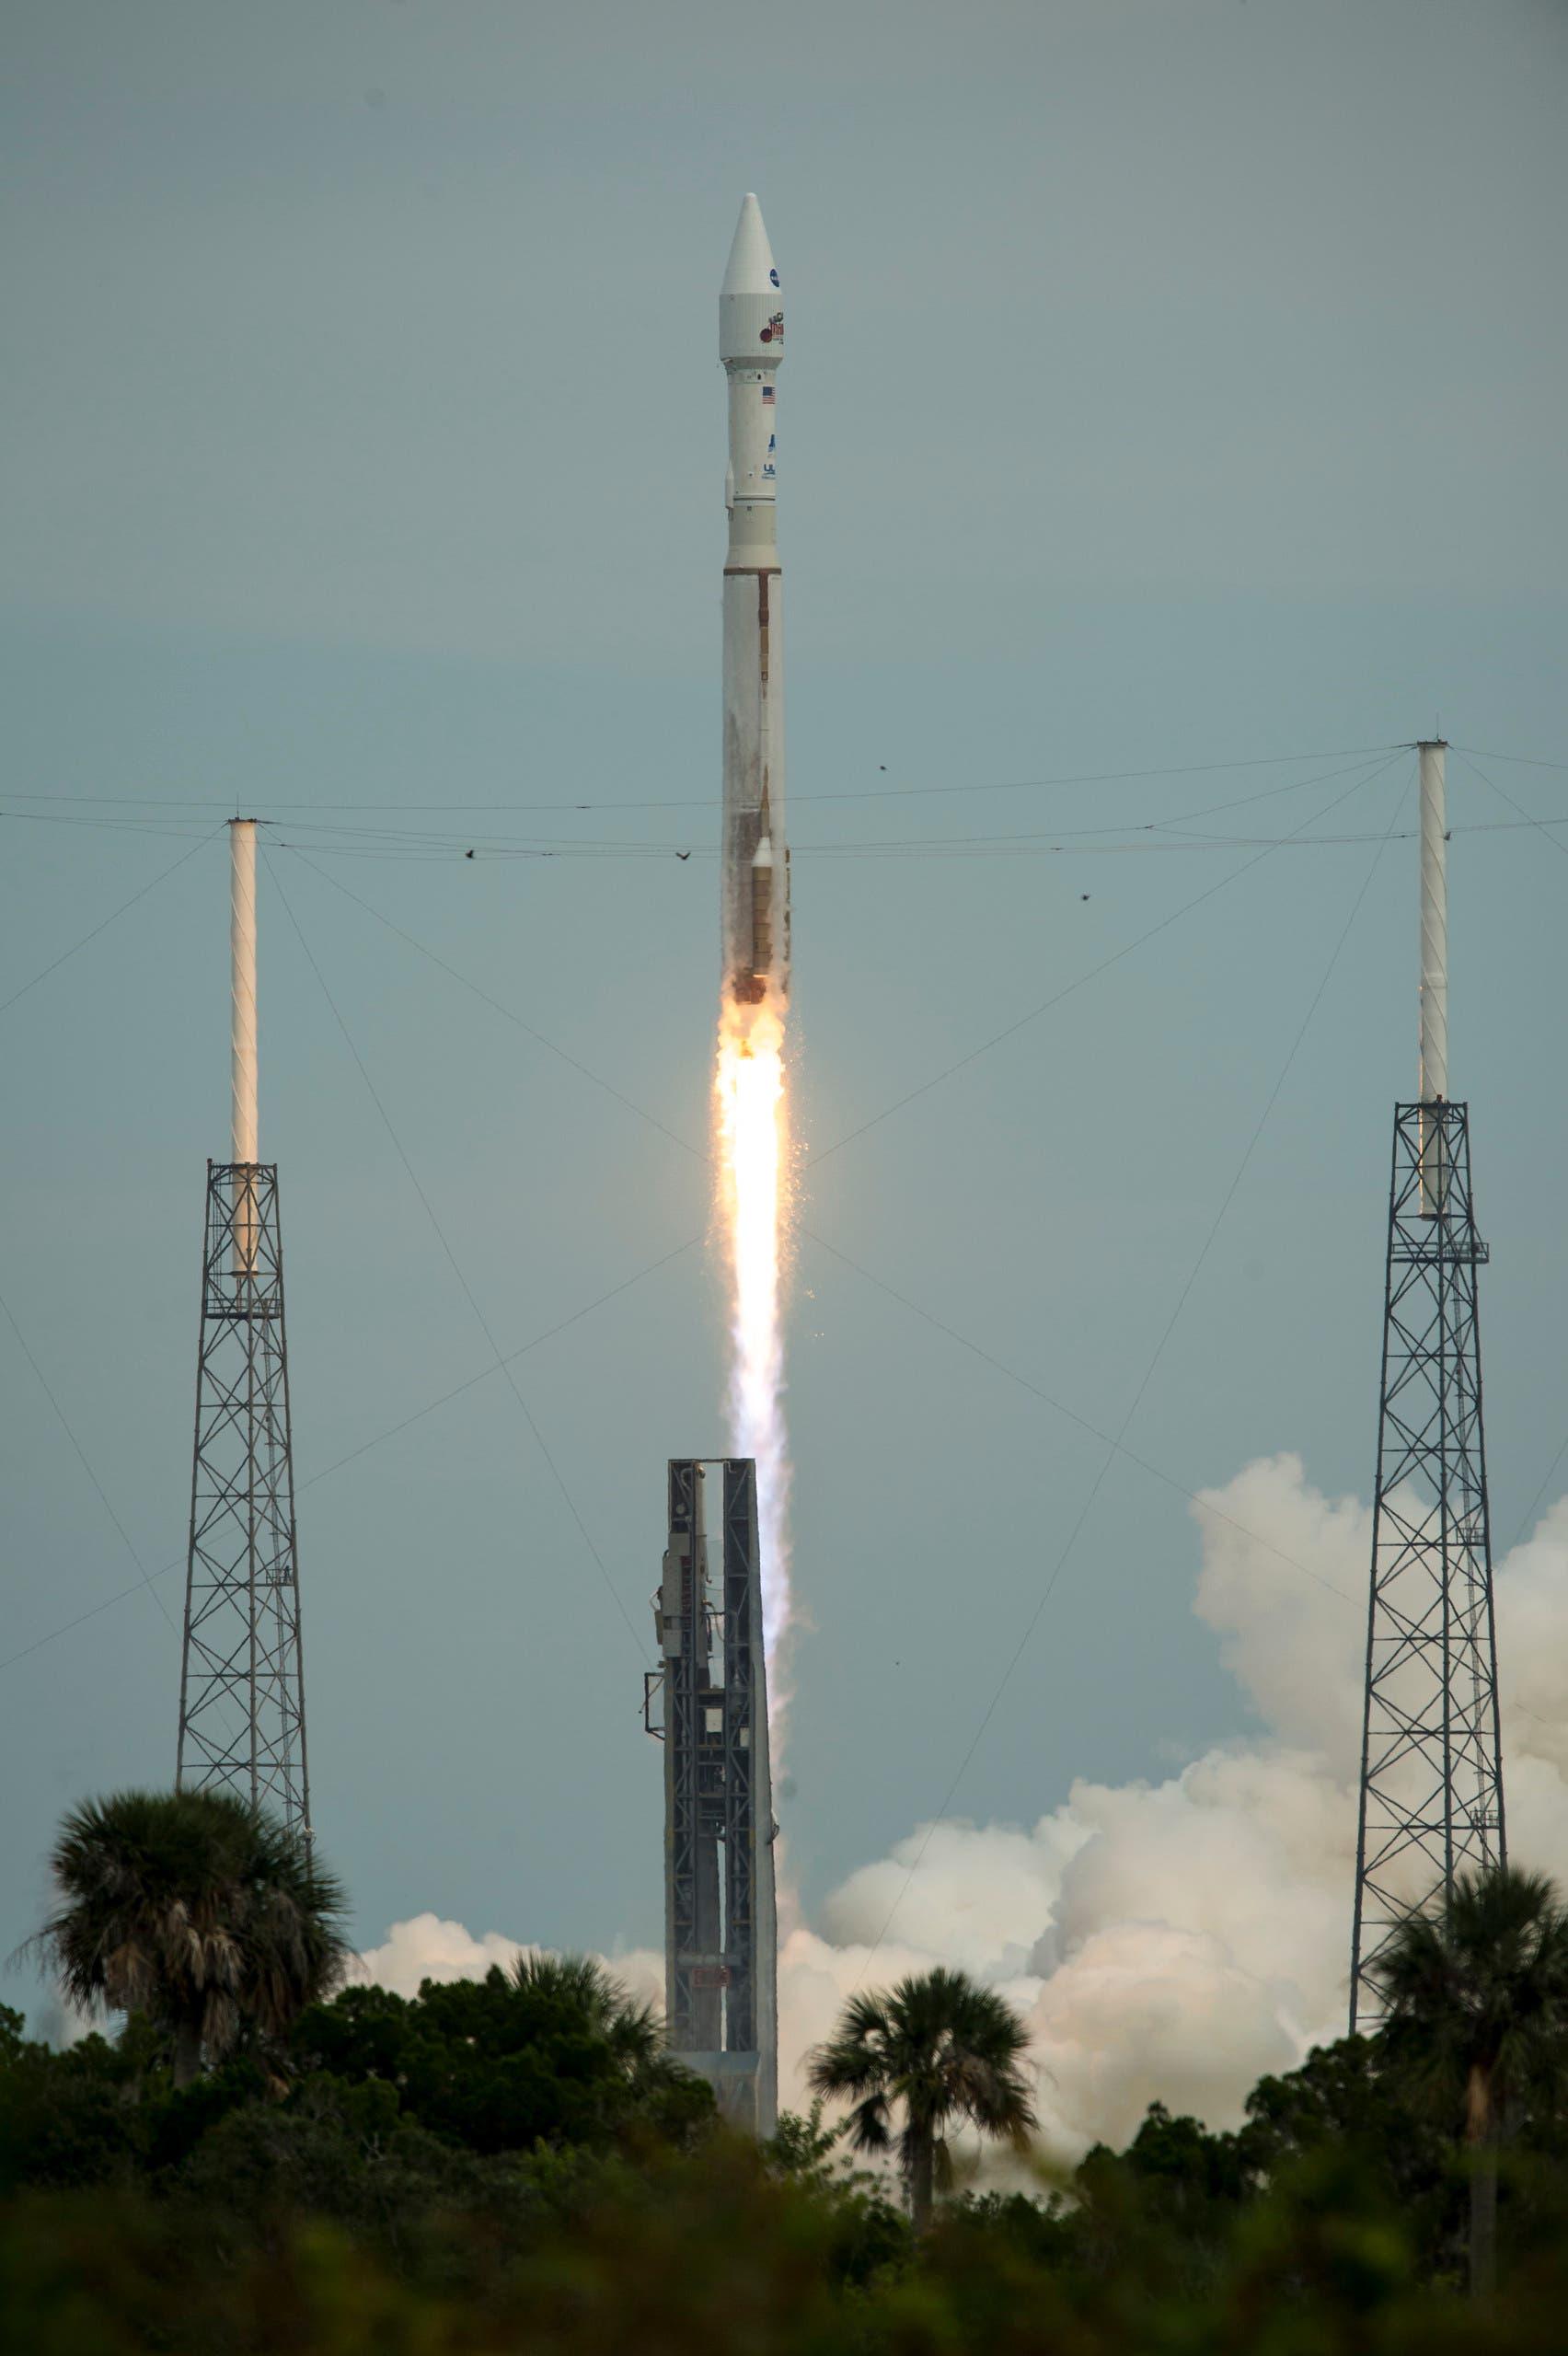 القمر الصناعي مافن عند إطلاقه في نهاية 2013